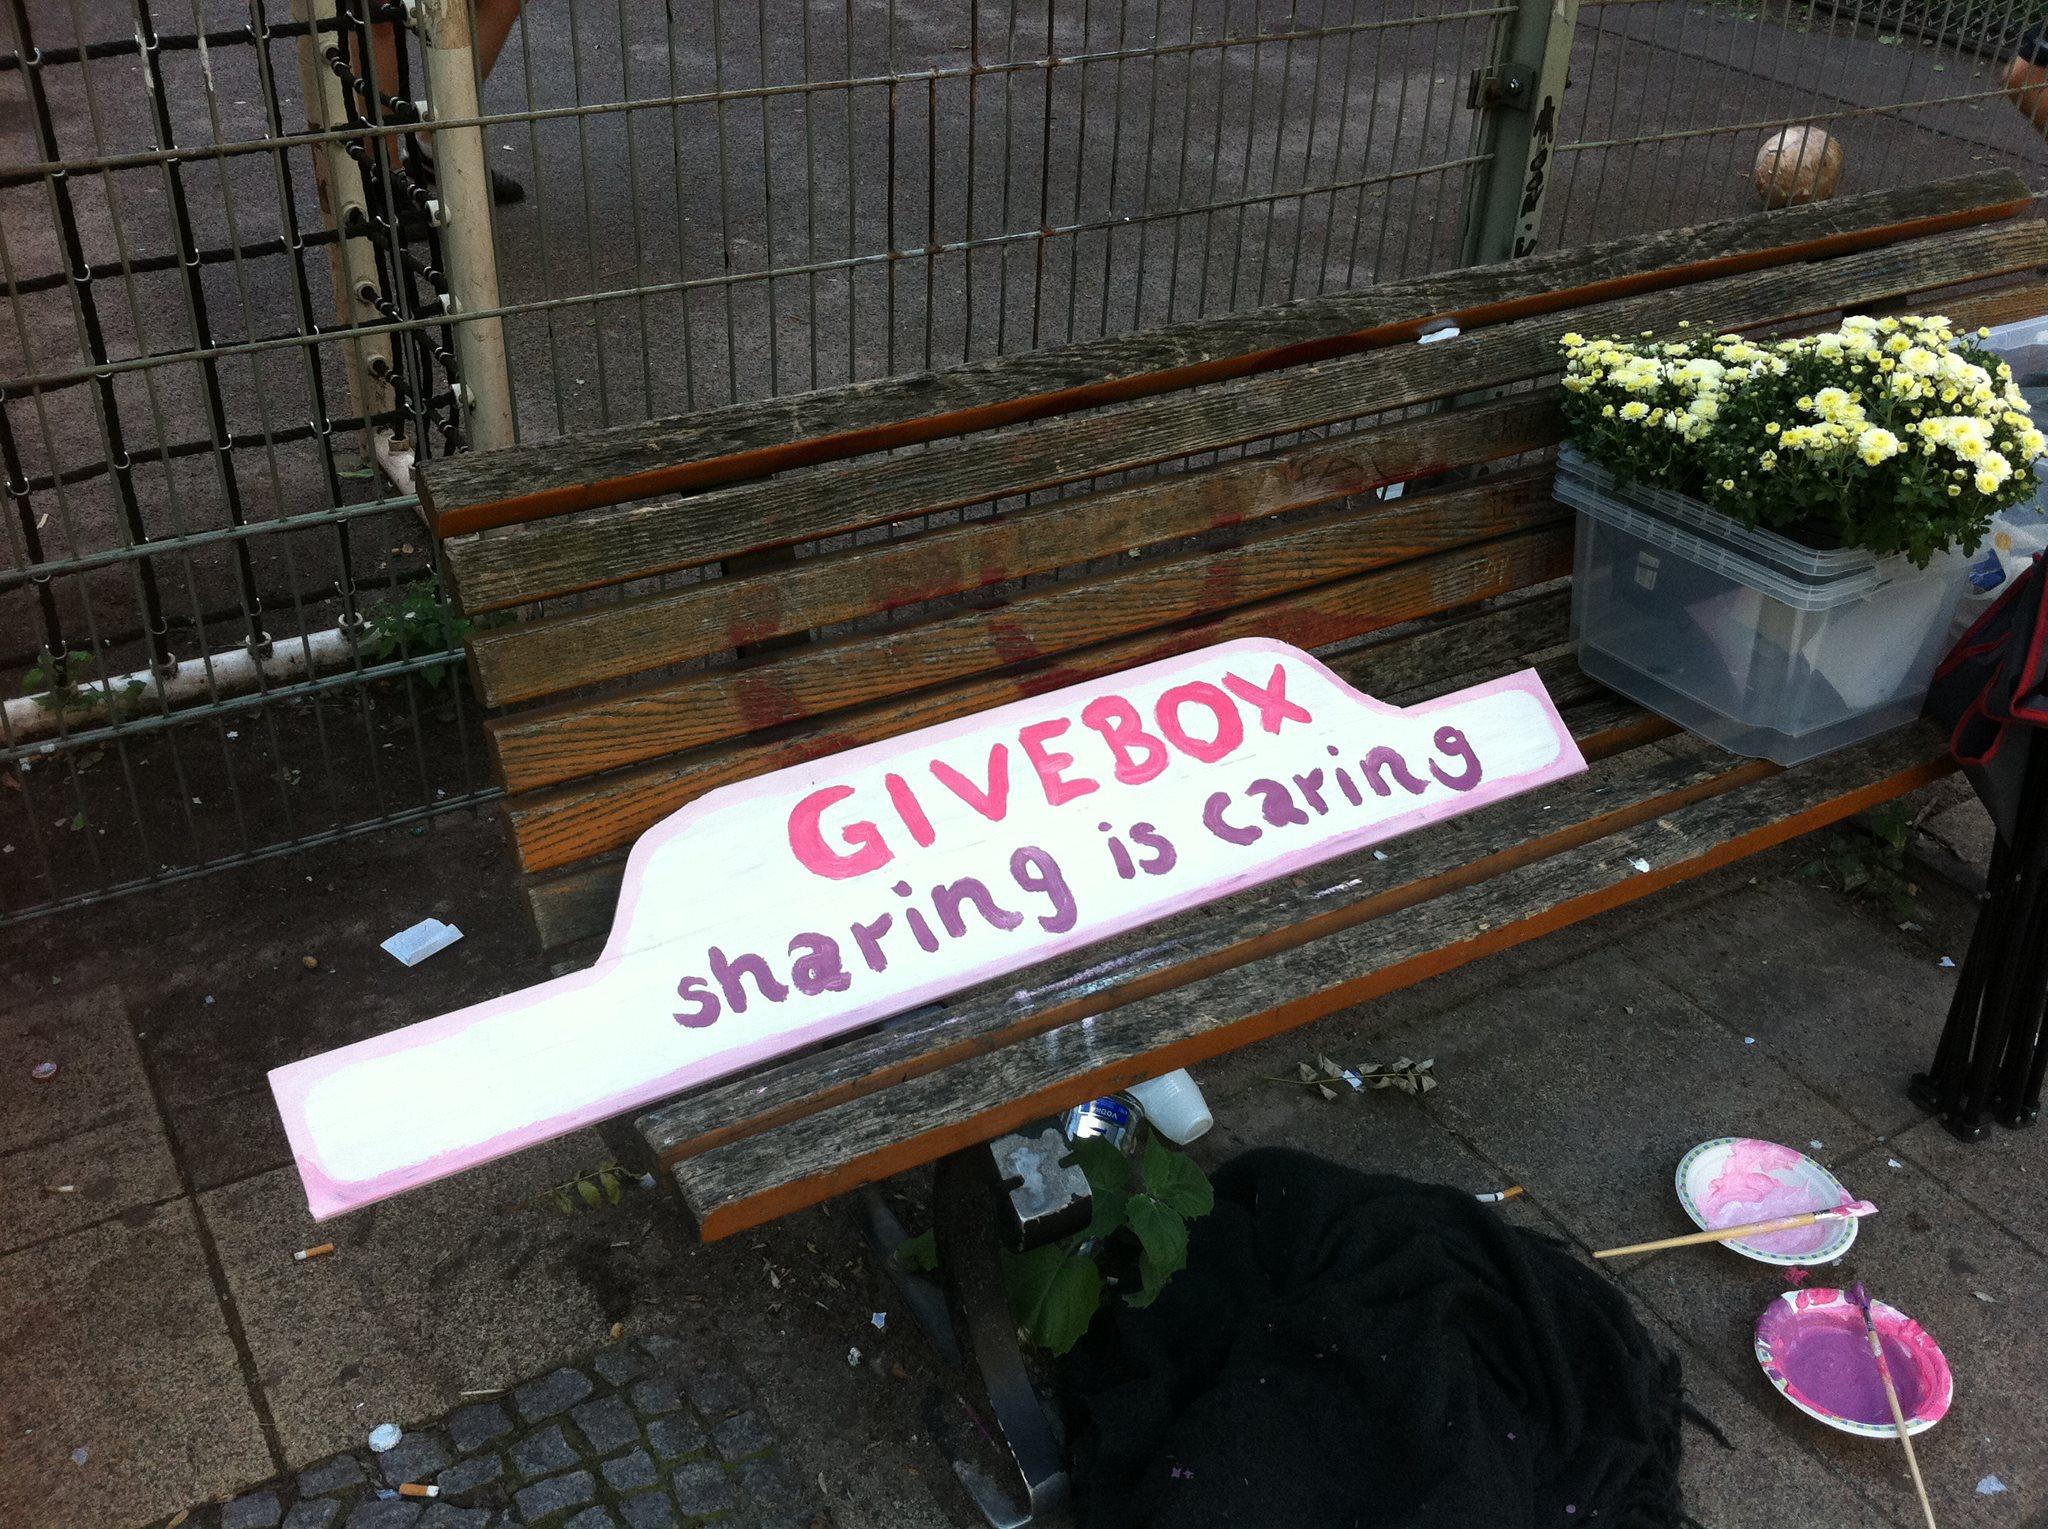 givebox sharing is caring in kreuzberg sch ner w. Black Bedroom Furniture Sets. Home Design Ideas